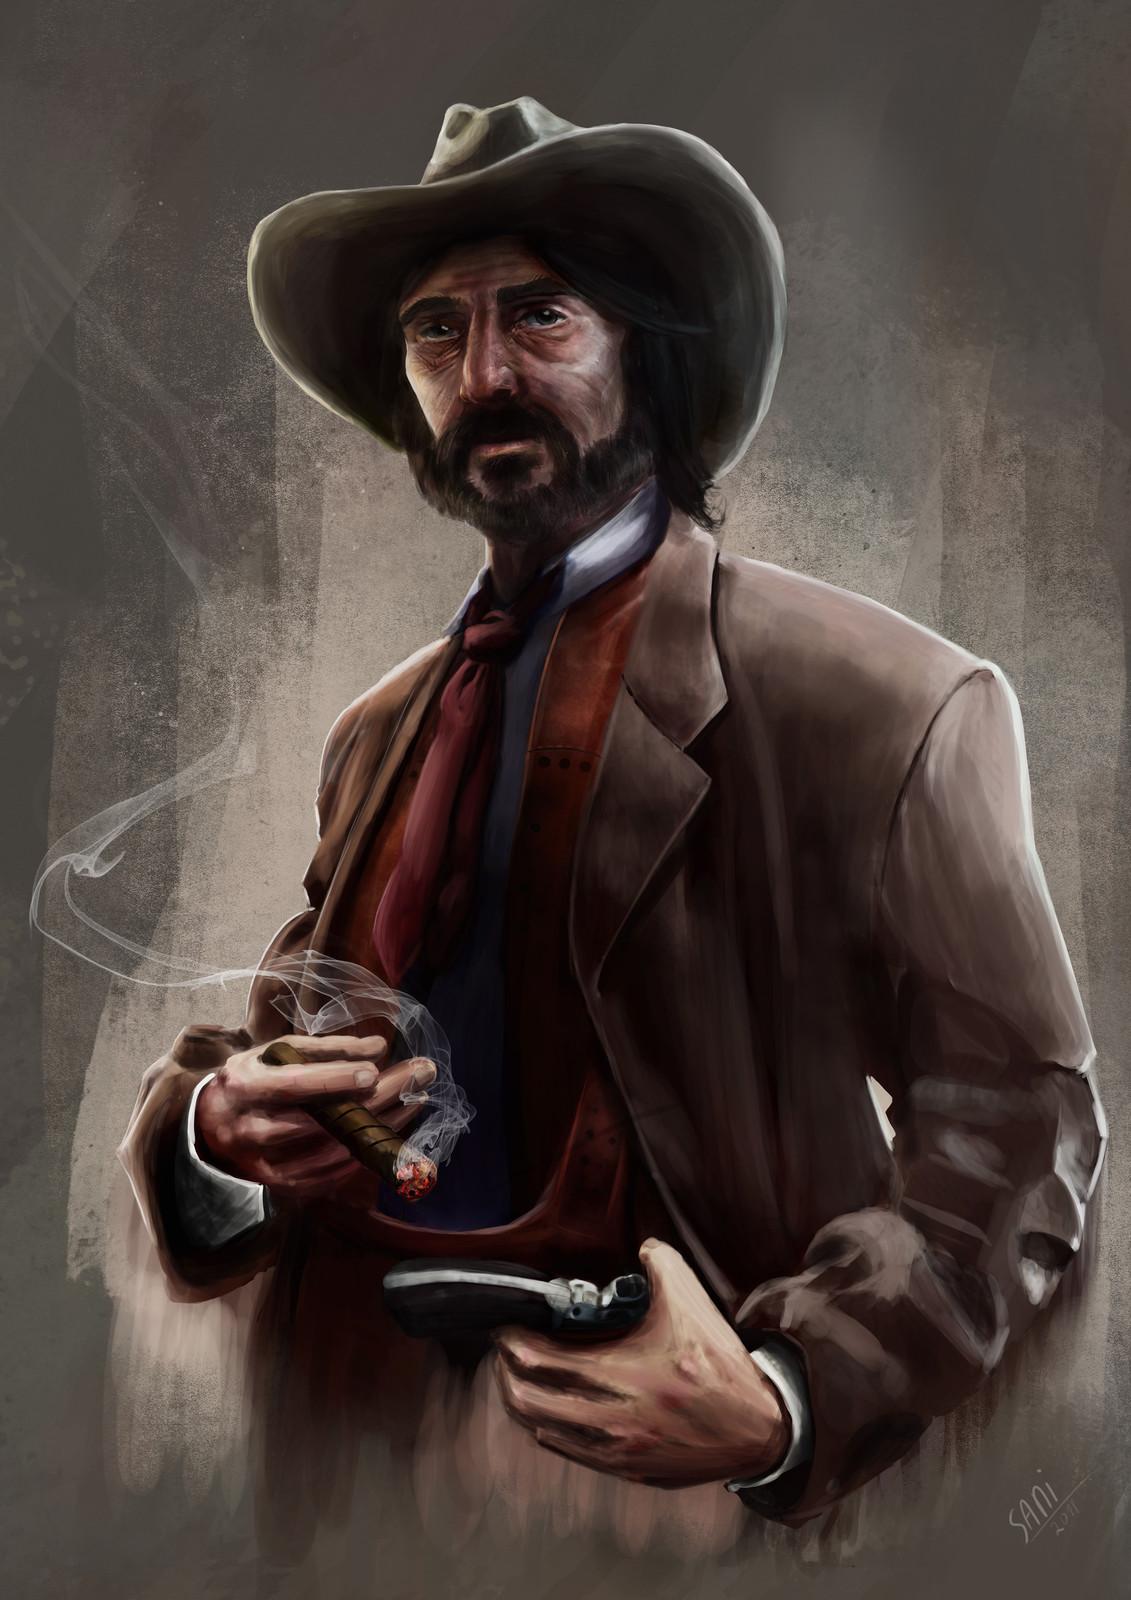 Dale The cowboy